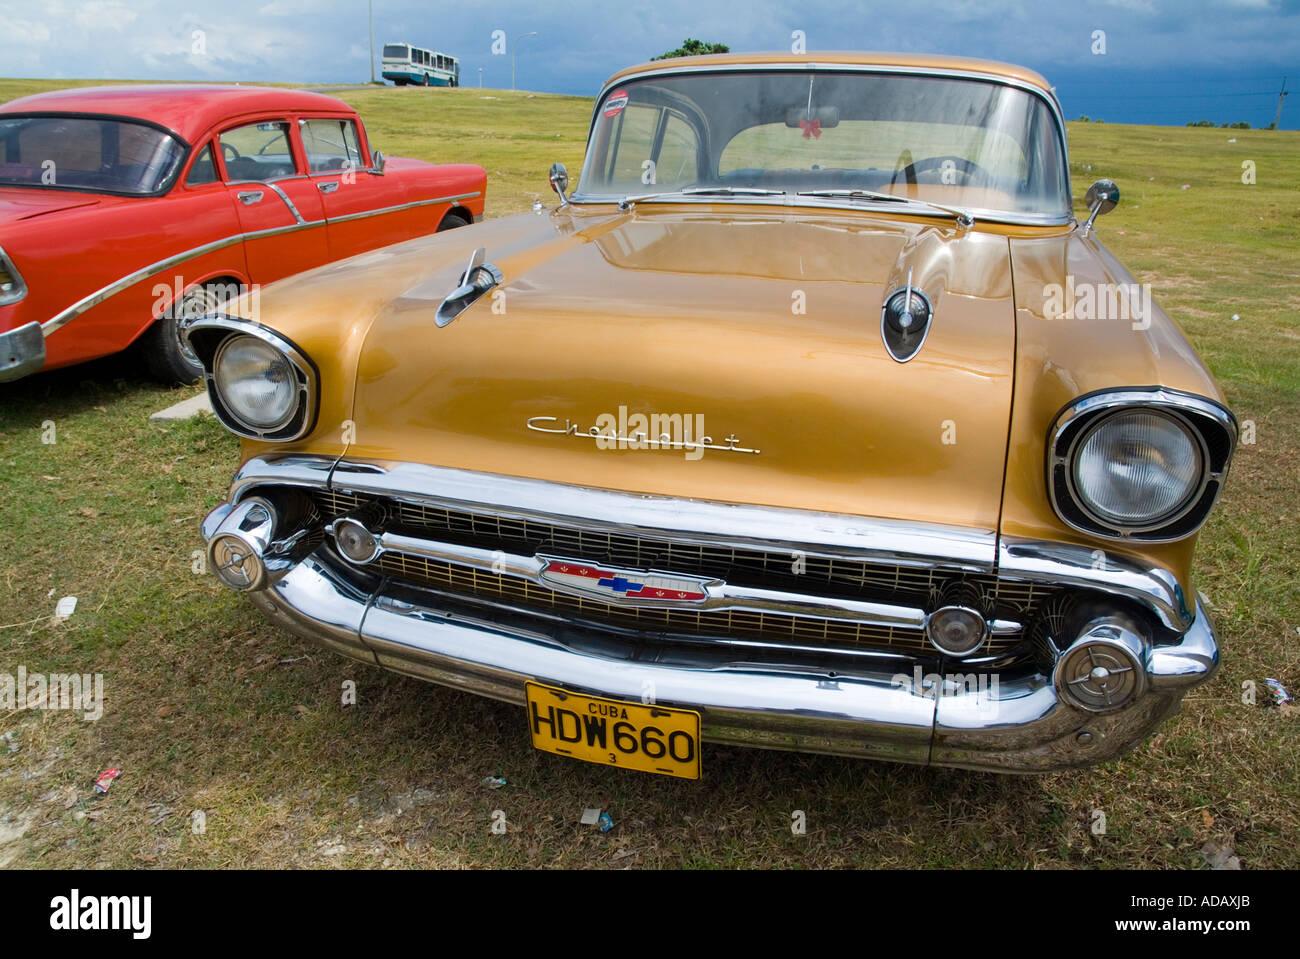 Cuba - coches antiguos coches clásicos americanos en Varadero, Matanzas, Cuba. Imagen De Stock